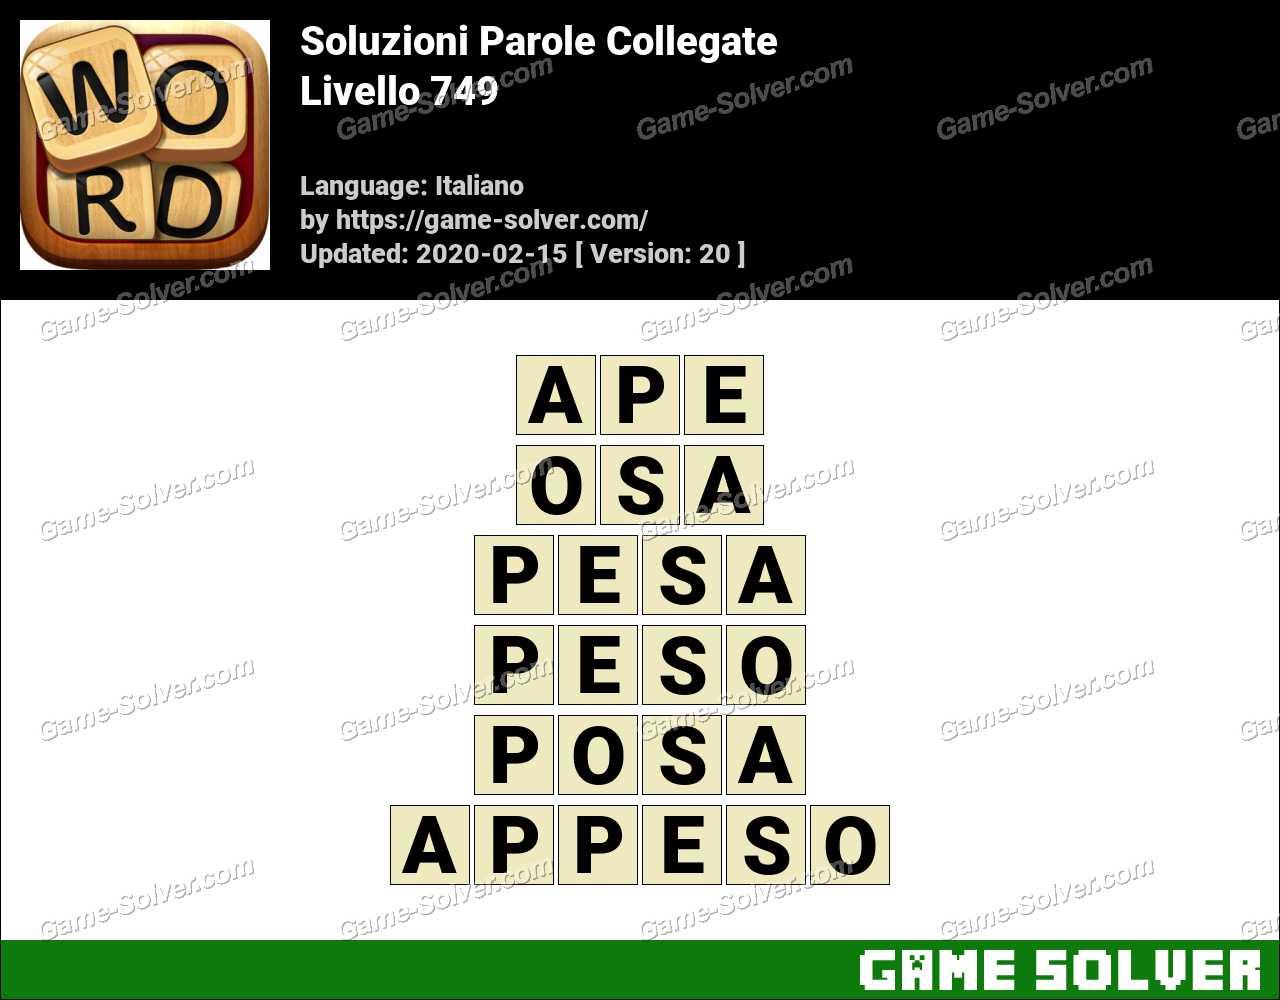 Soluzioni Parole Collegate Livello 749